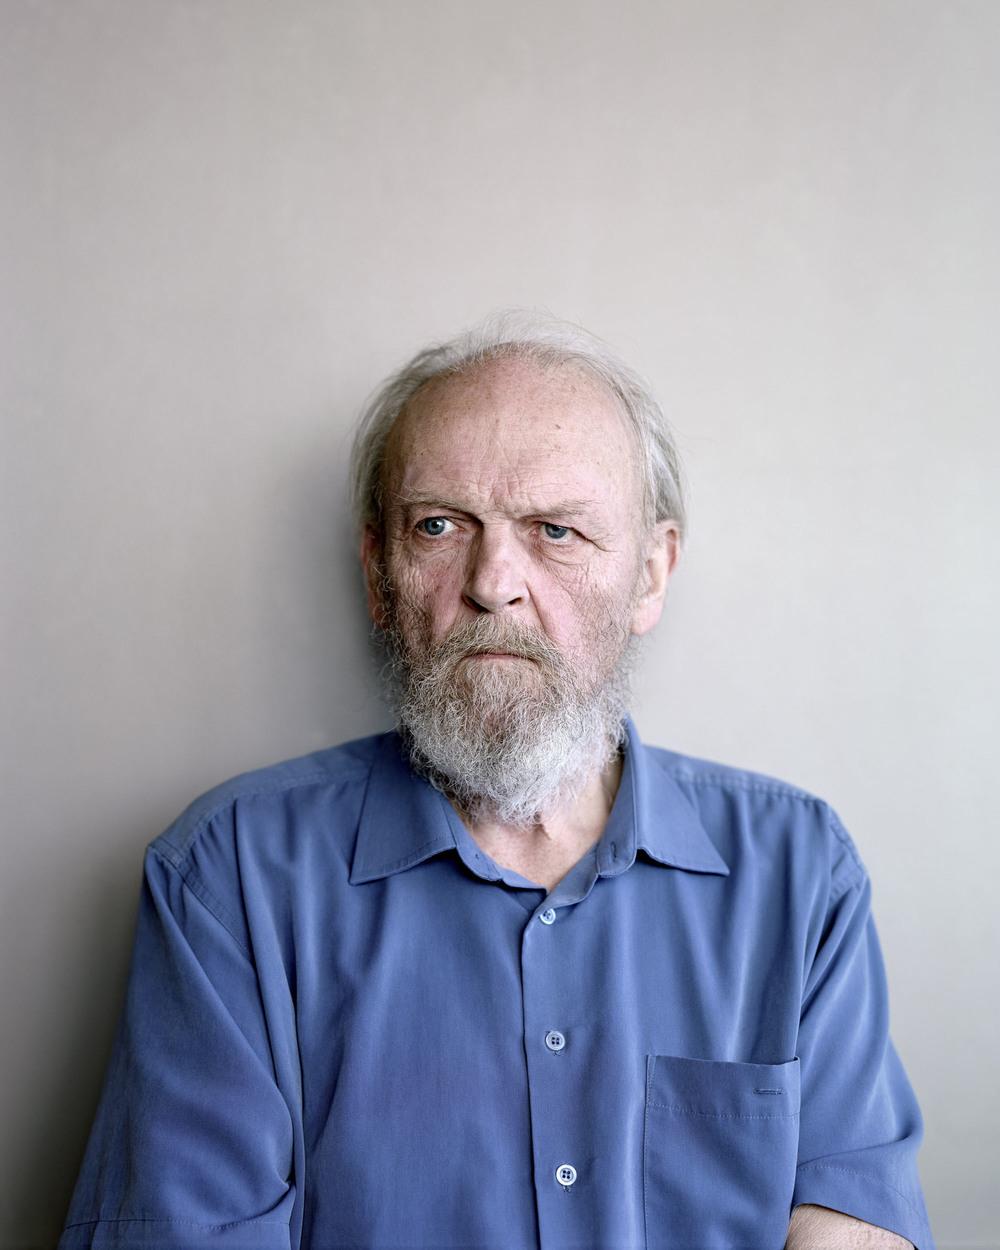 Hlynur Þór Magnússon